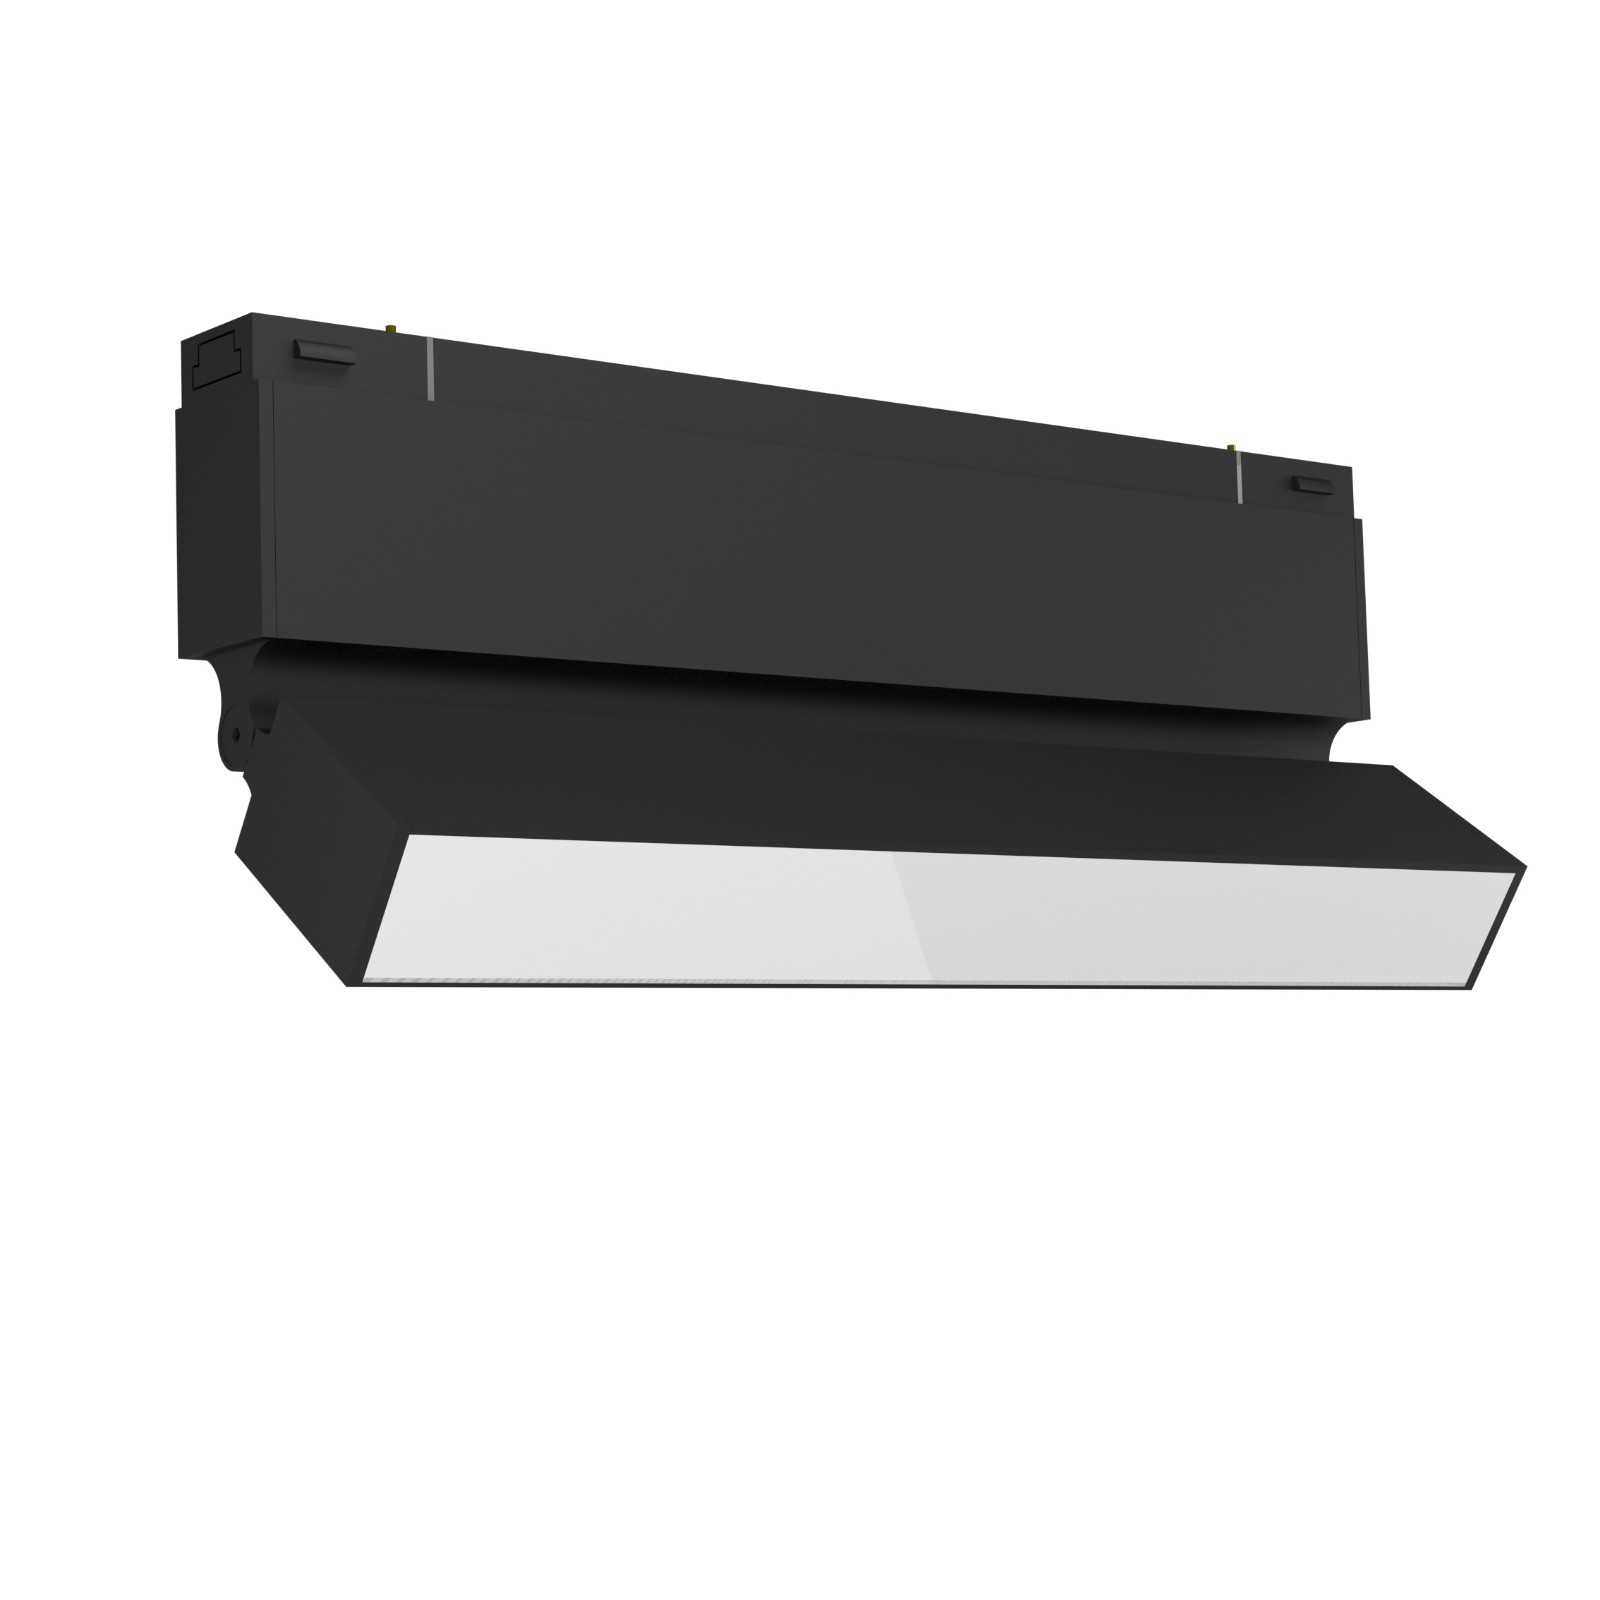 PNY-Oem Led Track Light Manufacturer, Led Light Fixtures | Pny